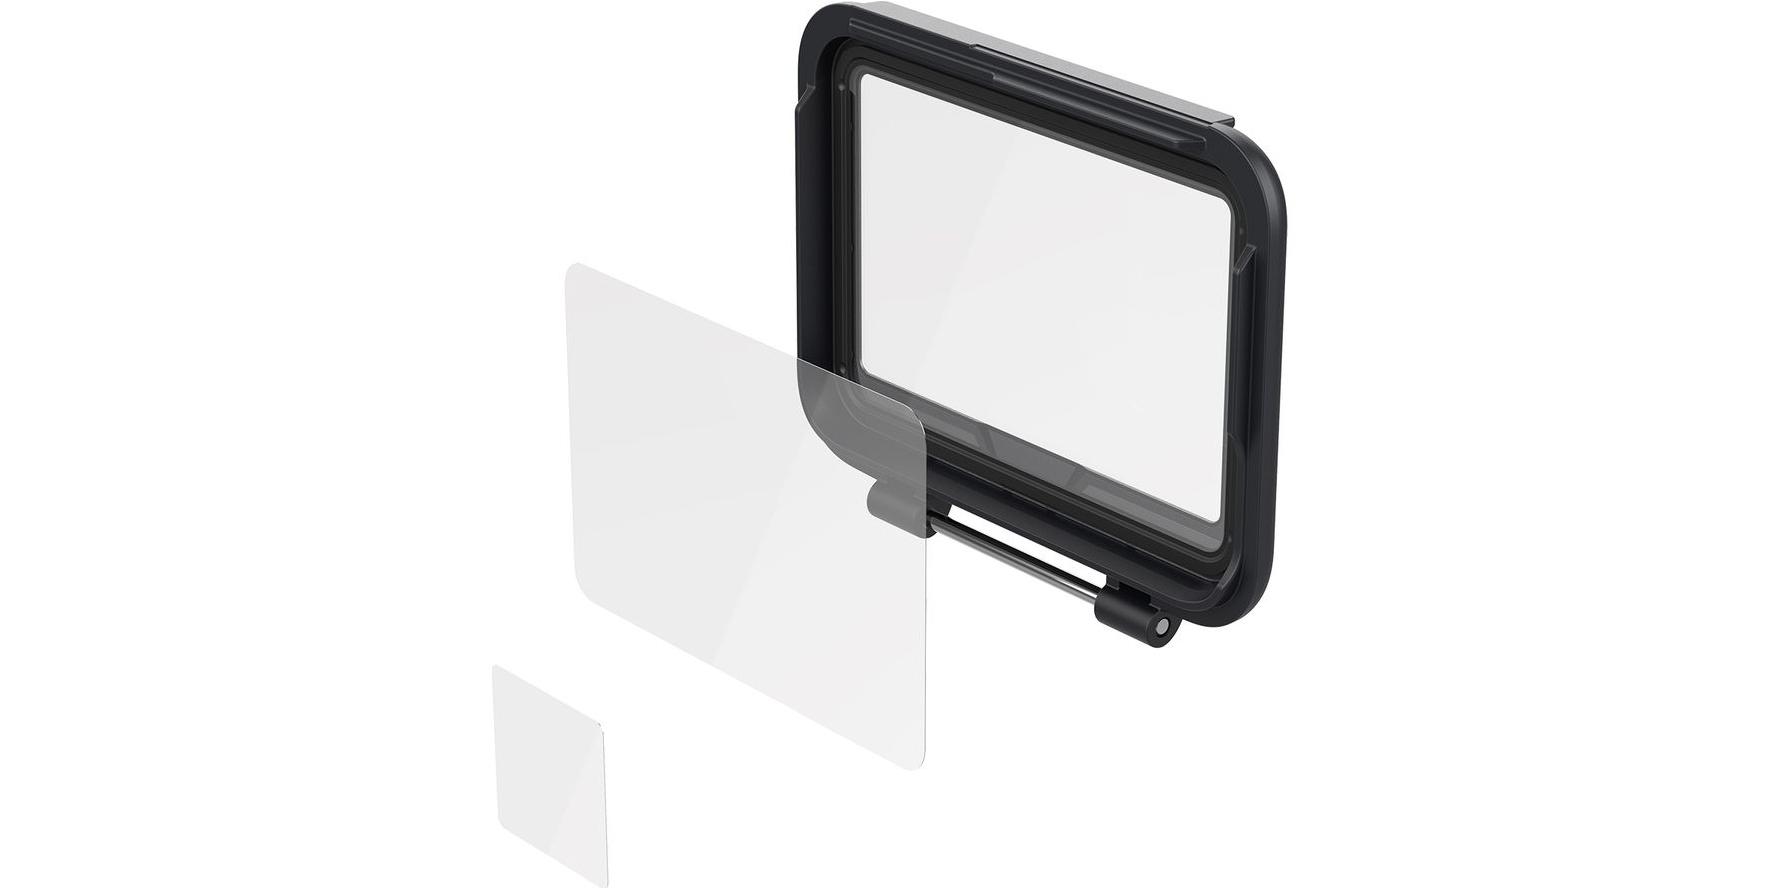 Защитные пленки для ЖК экрана GoPro Screen Protector (AAPTC-001) фото сбоку